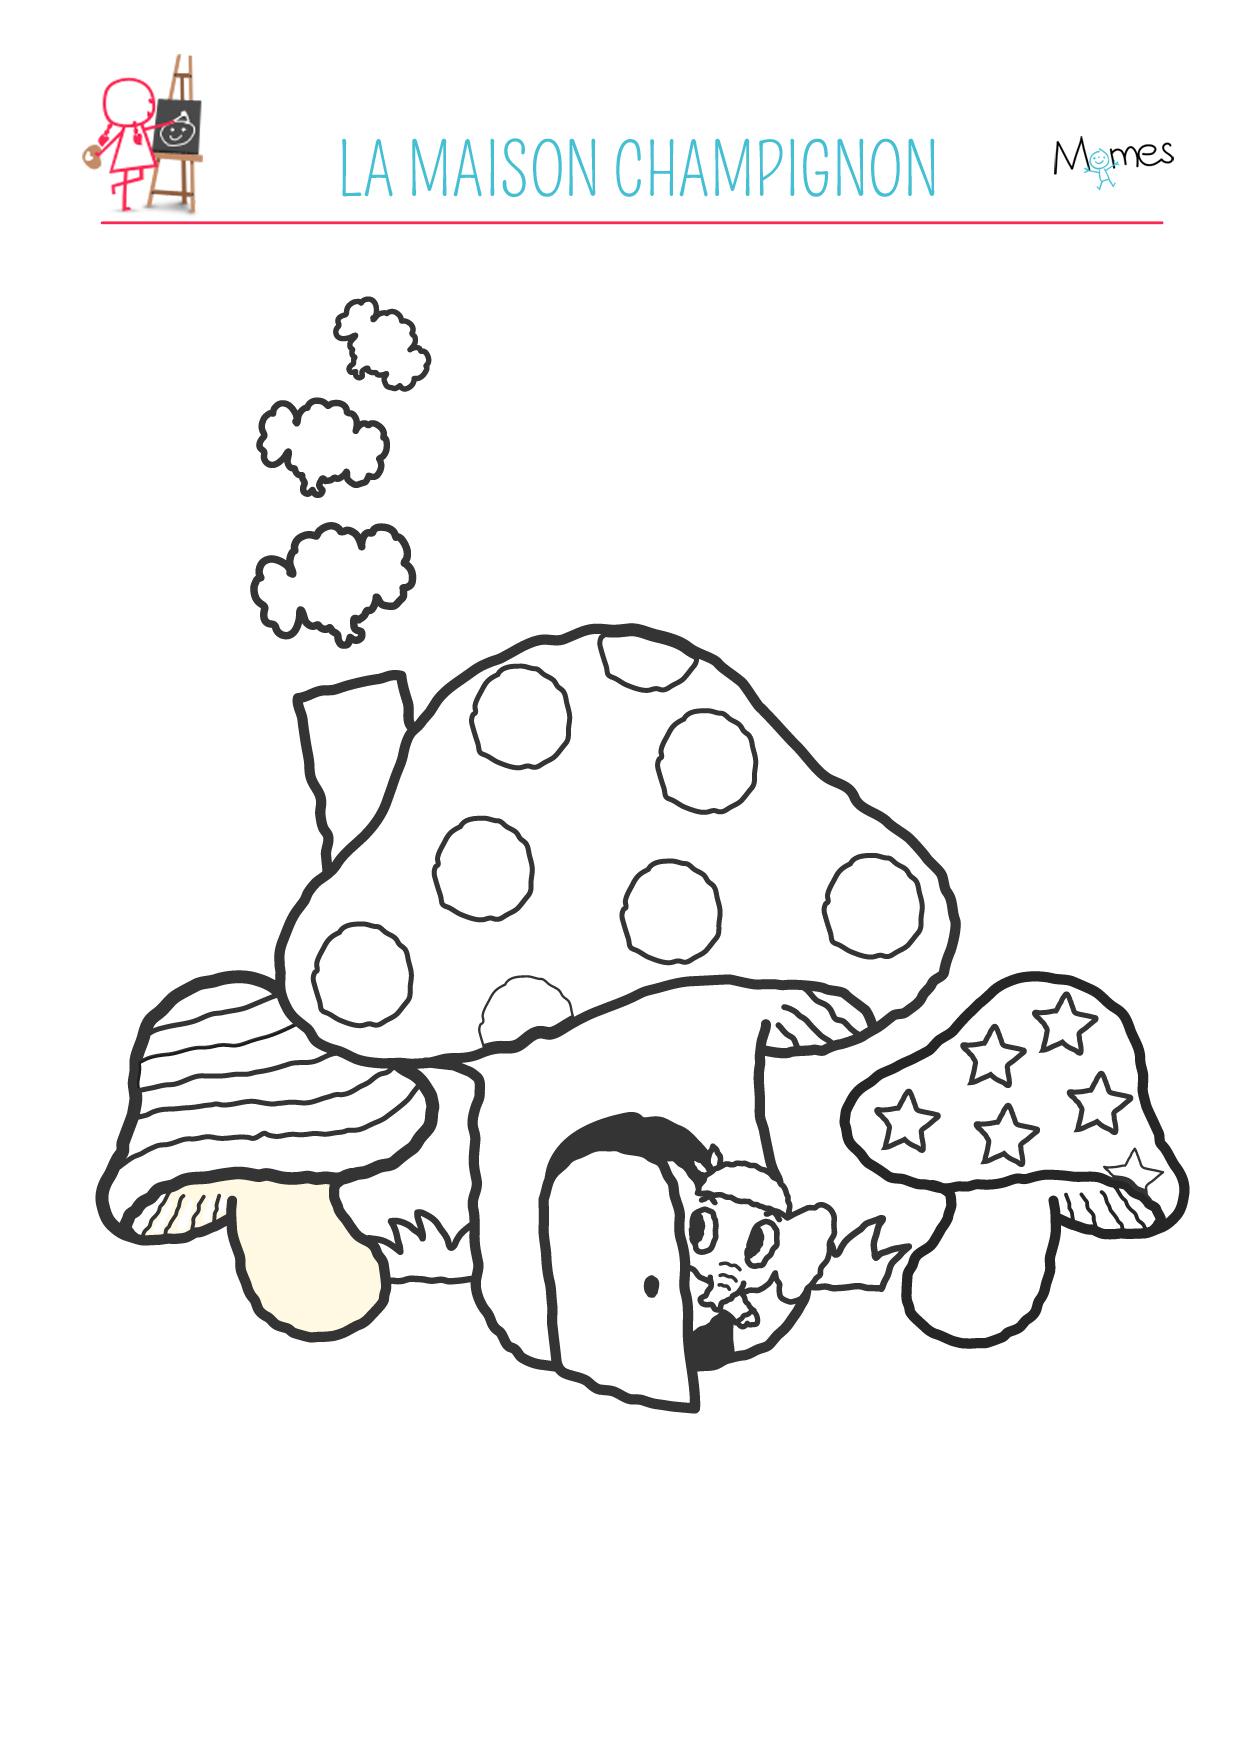 Coloriage automne la maison champignon - Image automne gratuite imprimer ...